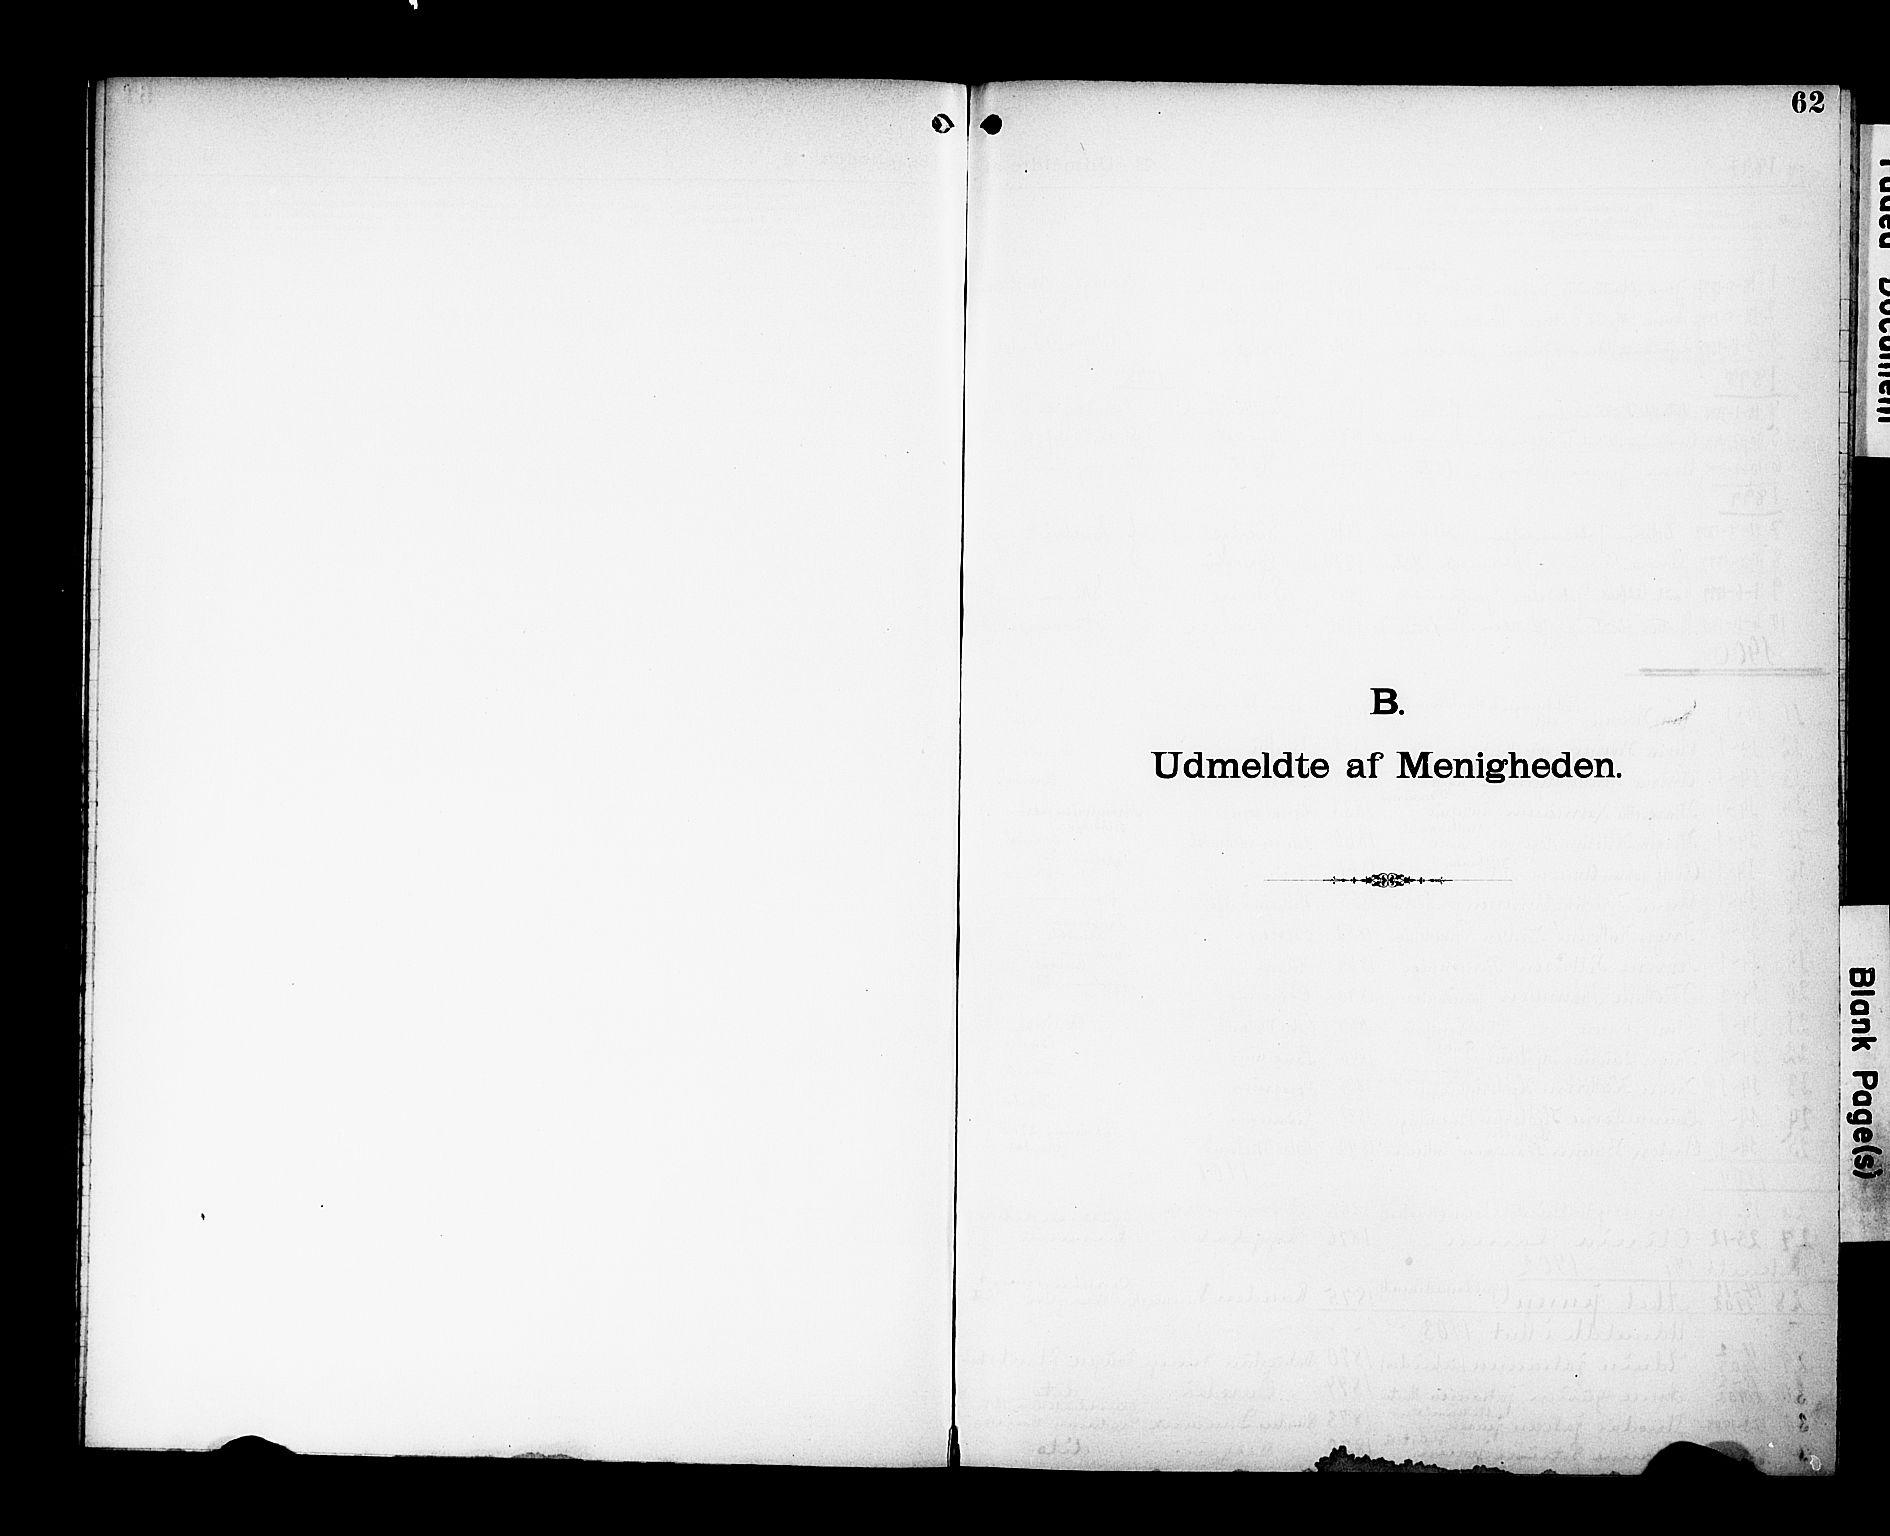 SAK, Den katolsk-apostoliske menighet, Kristiansand, F/Fa/L0002: Dissenterprotokoll nr. 2, 1896-1925, s. 62